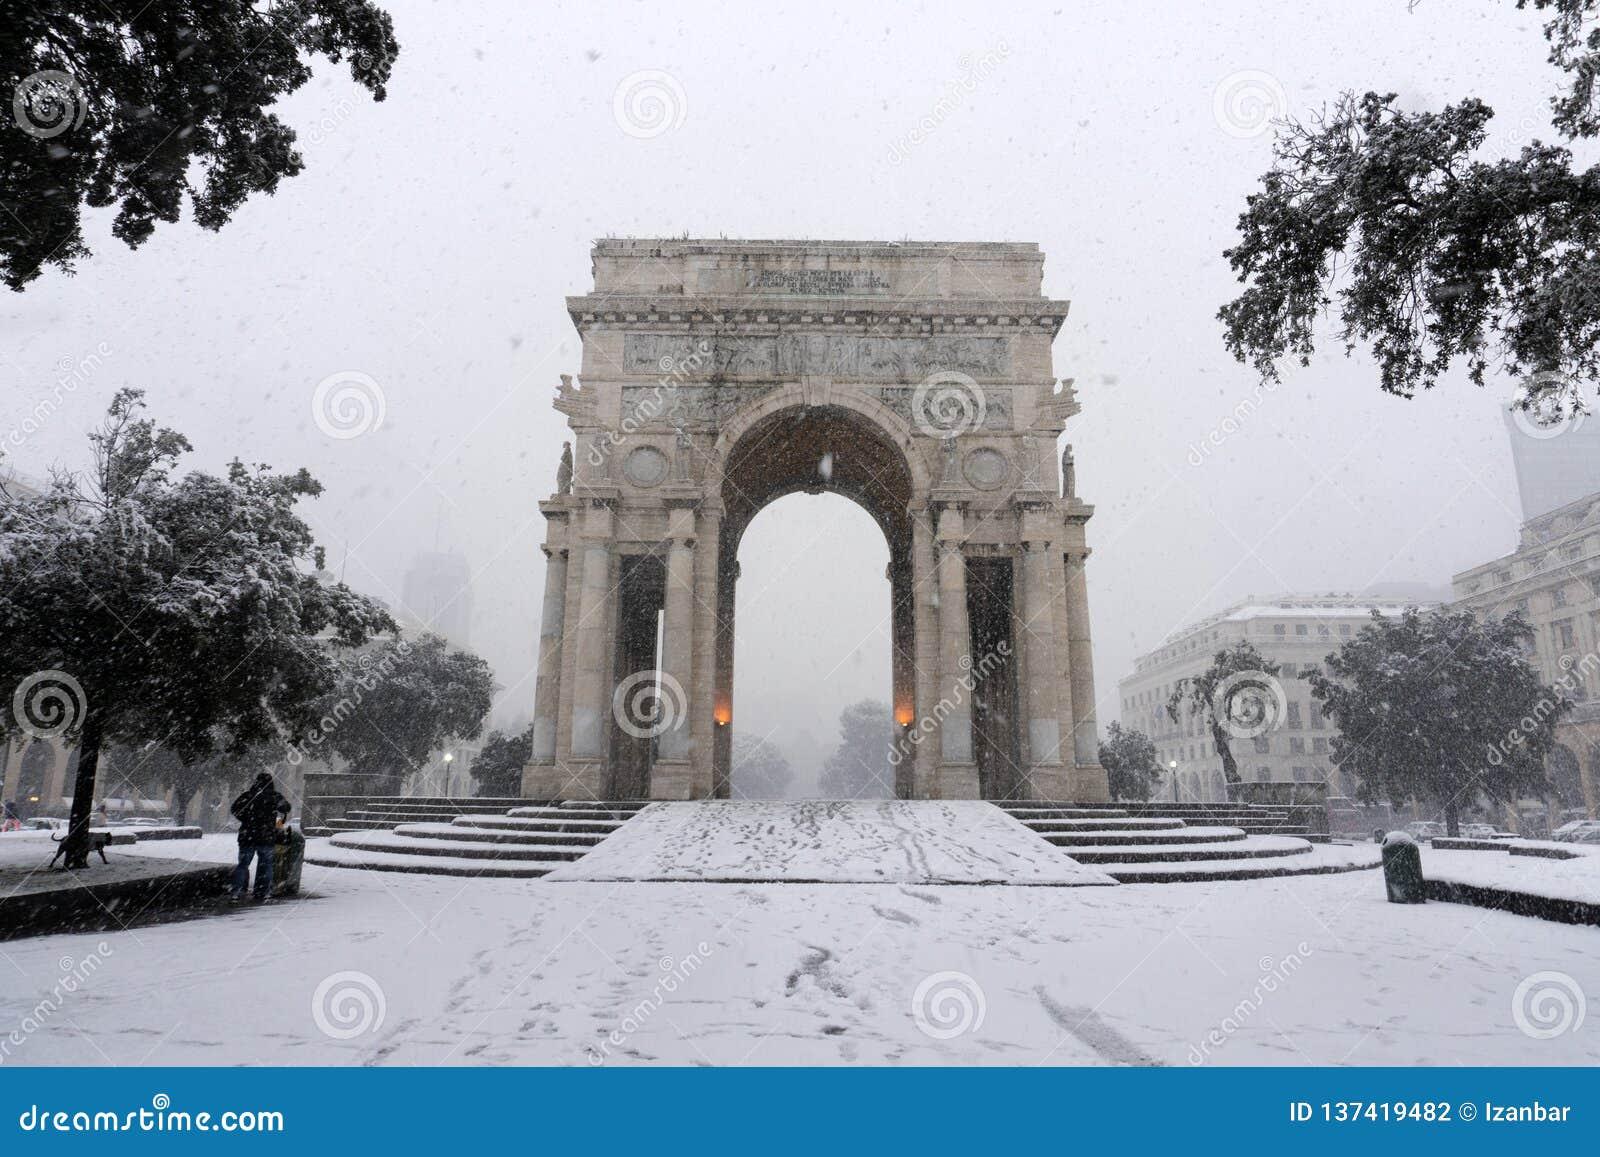 GENOVA, ITALIA - 23 GENNAIO 2019 - città sotto la neve